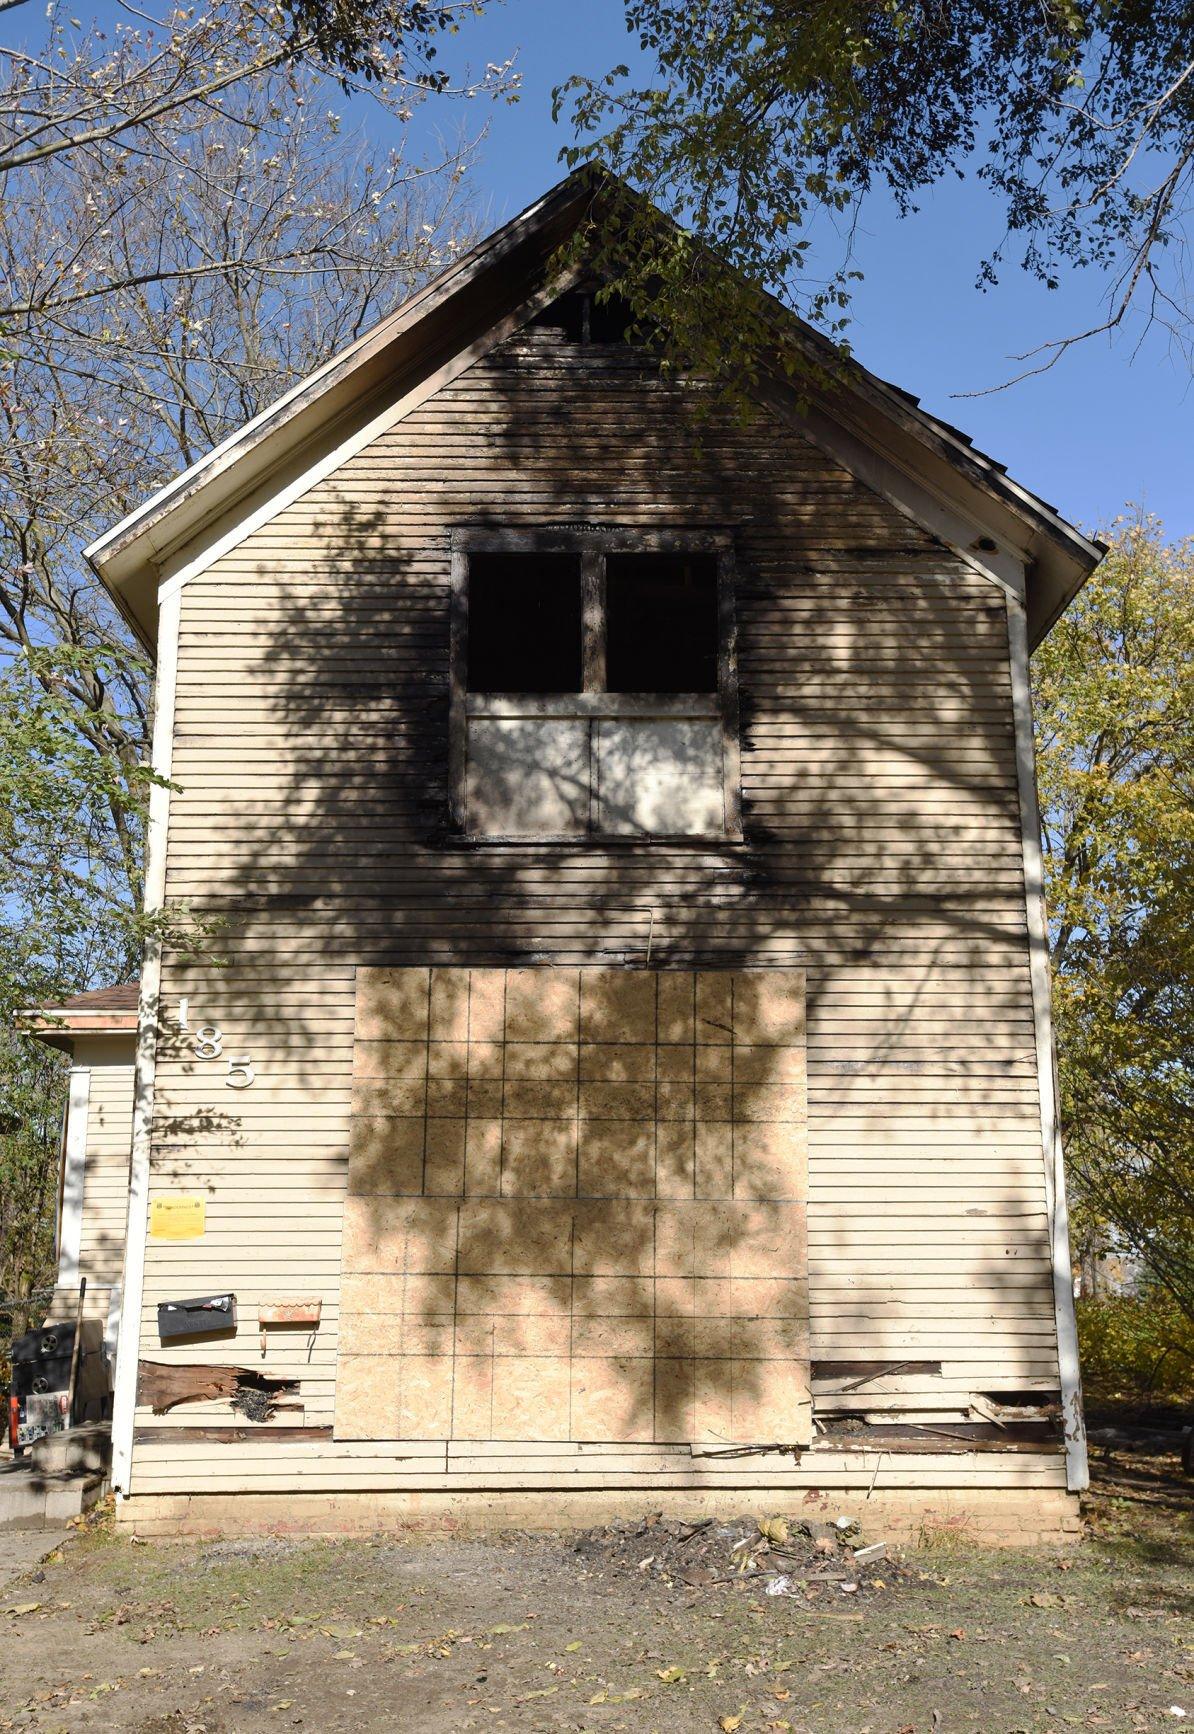 201103-HP-bh-fatal-fire2-photo.jpg